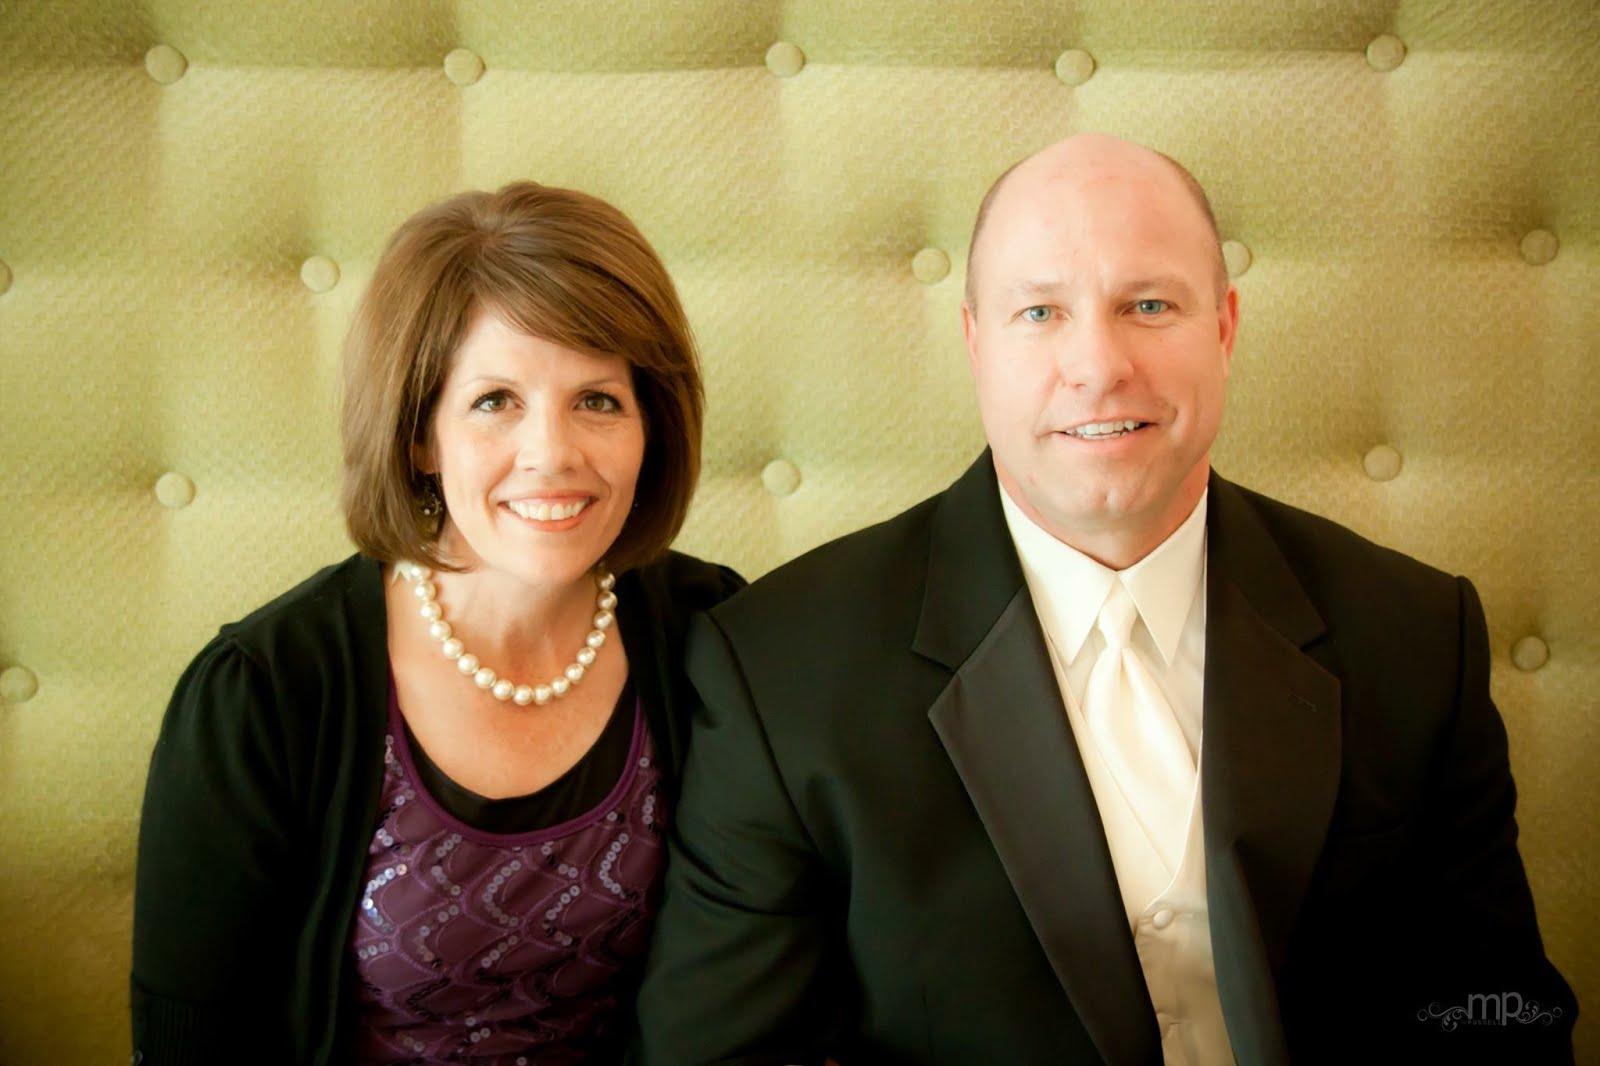 Steve & Gina